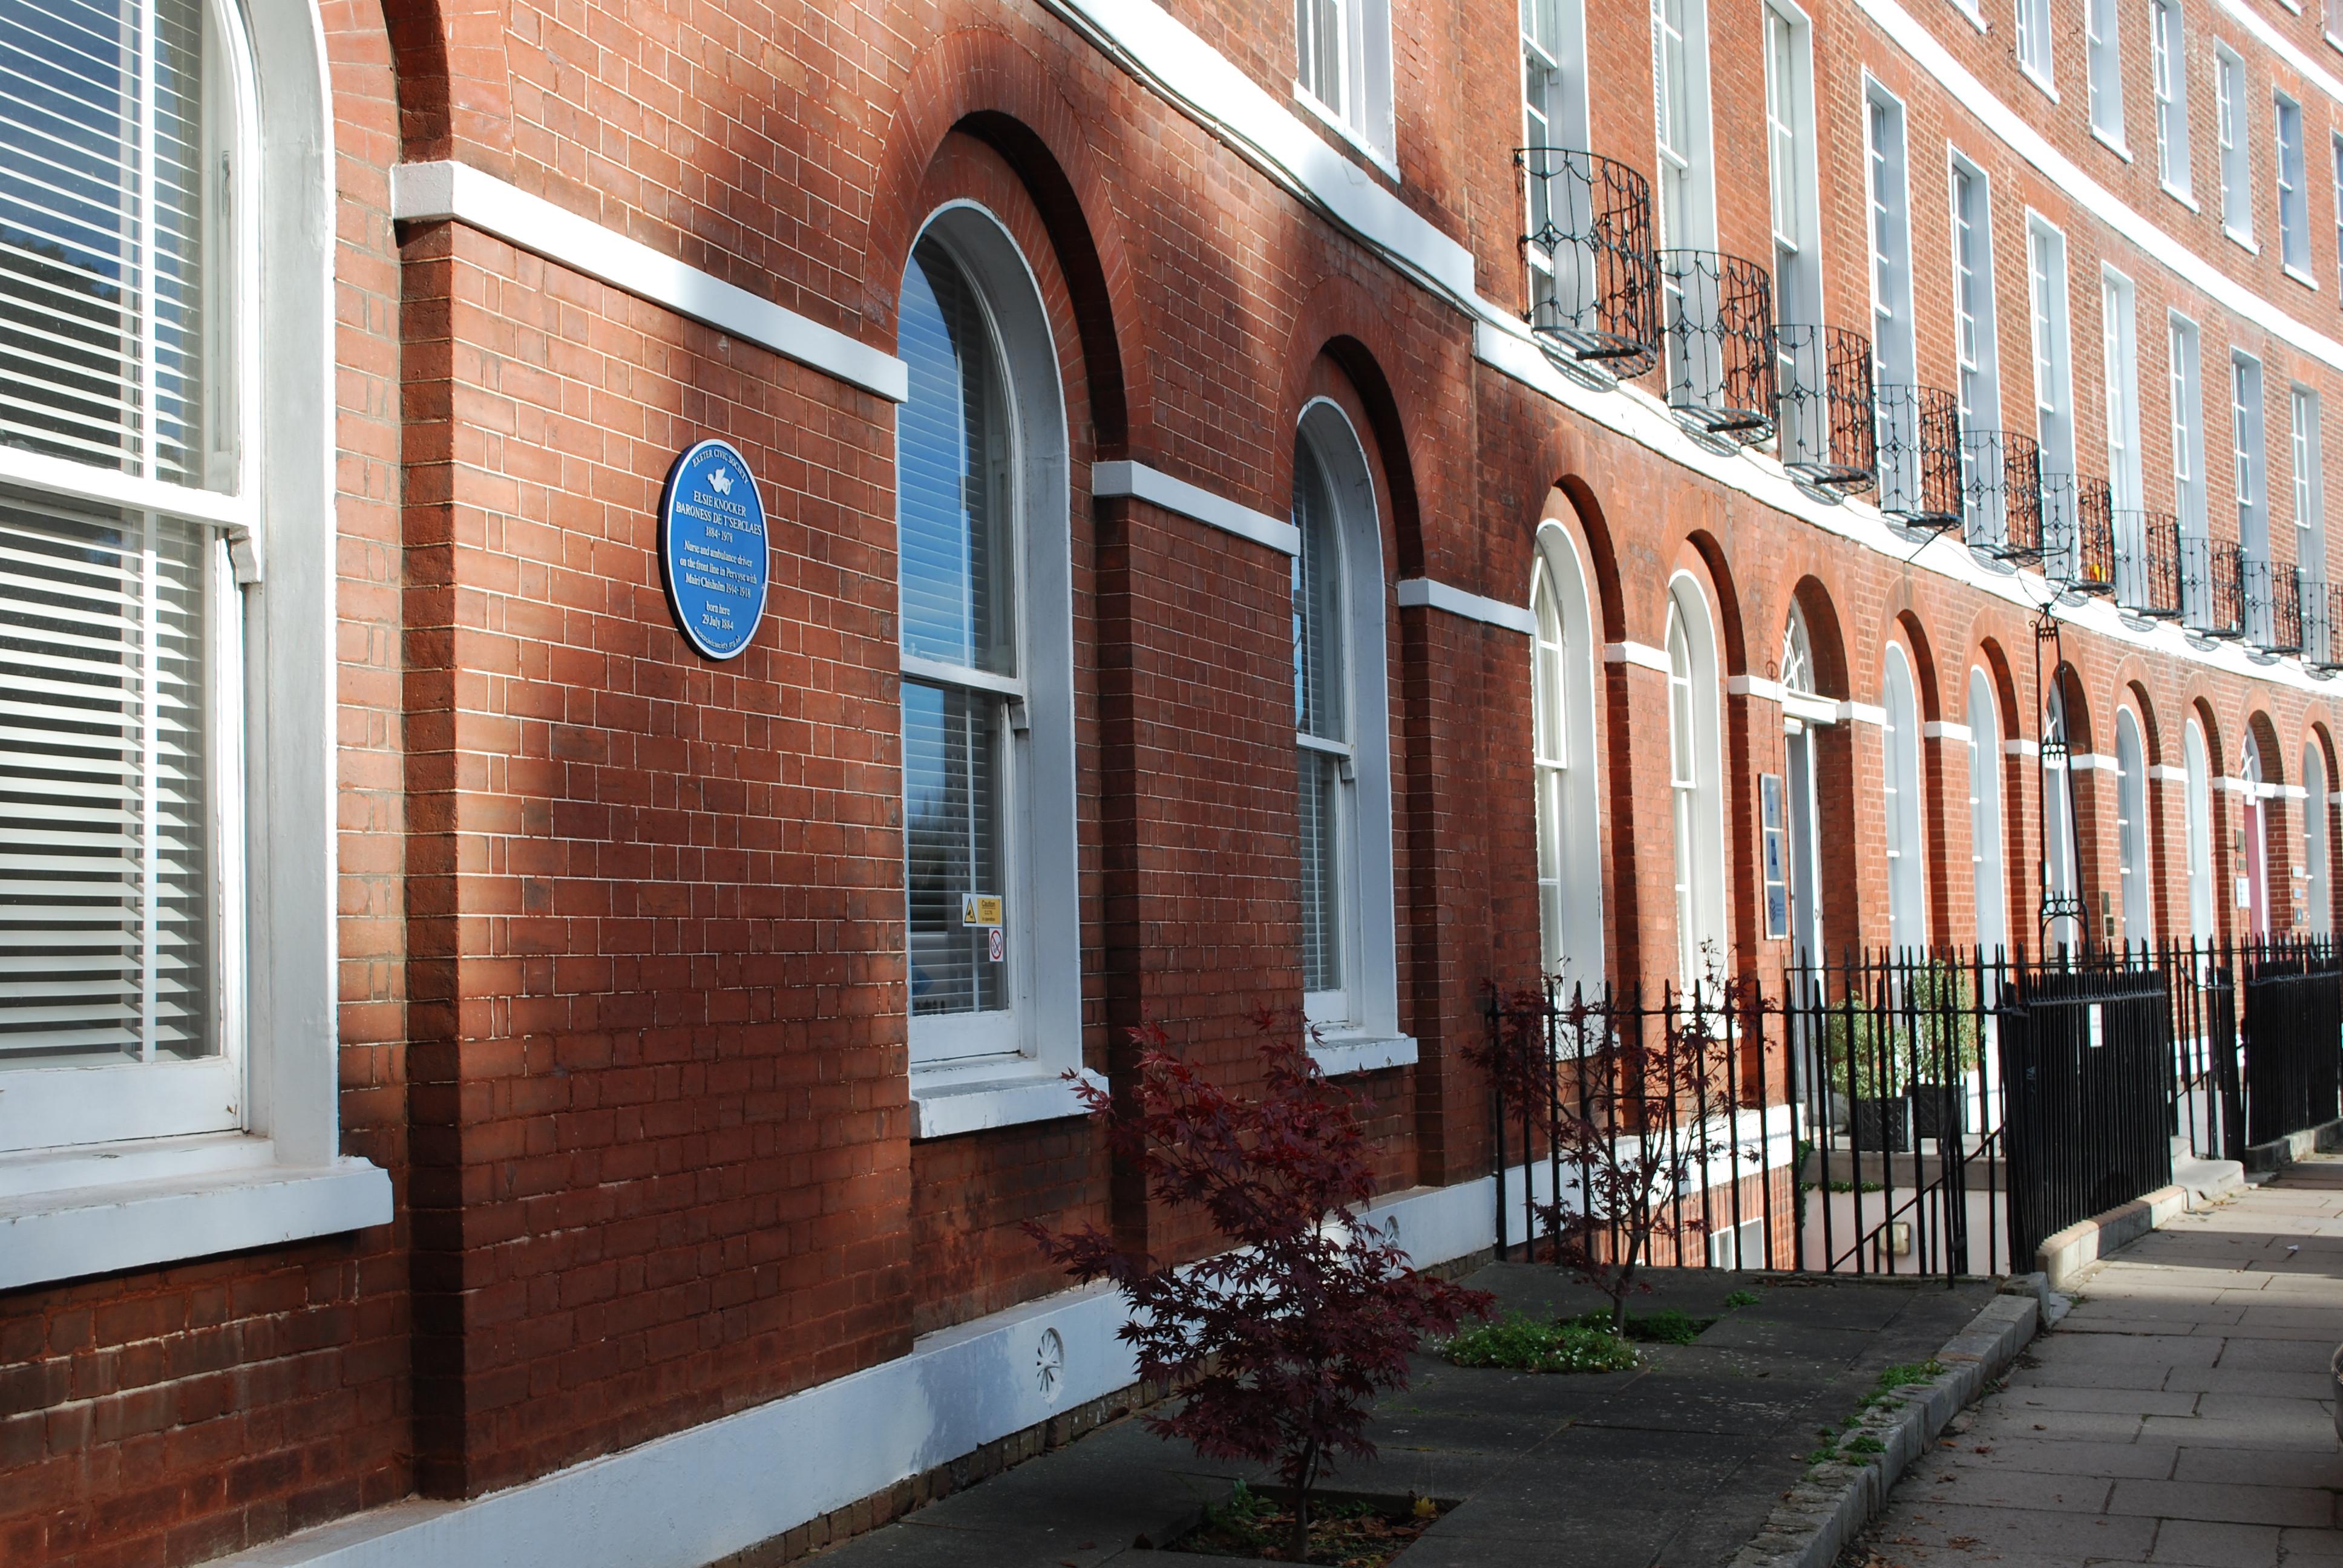 Elsie Knocker | 1 Barnfield Crescent